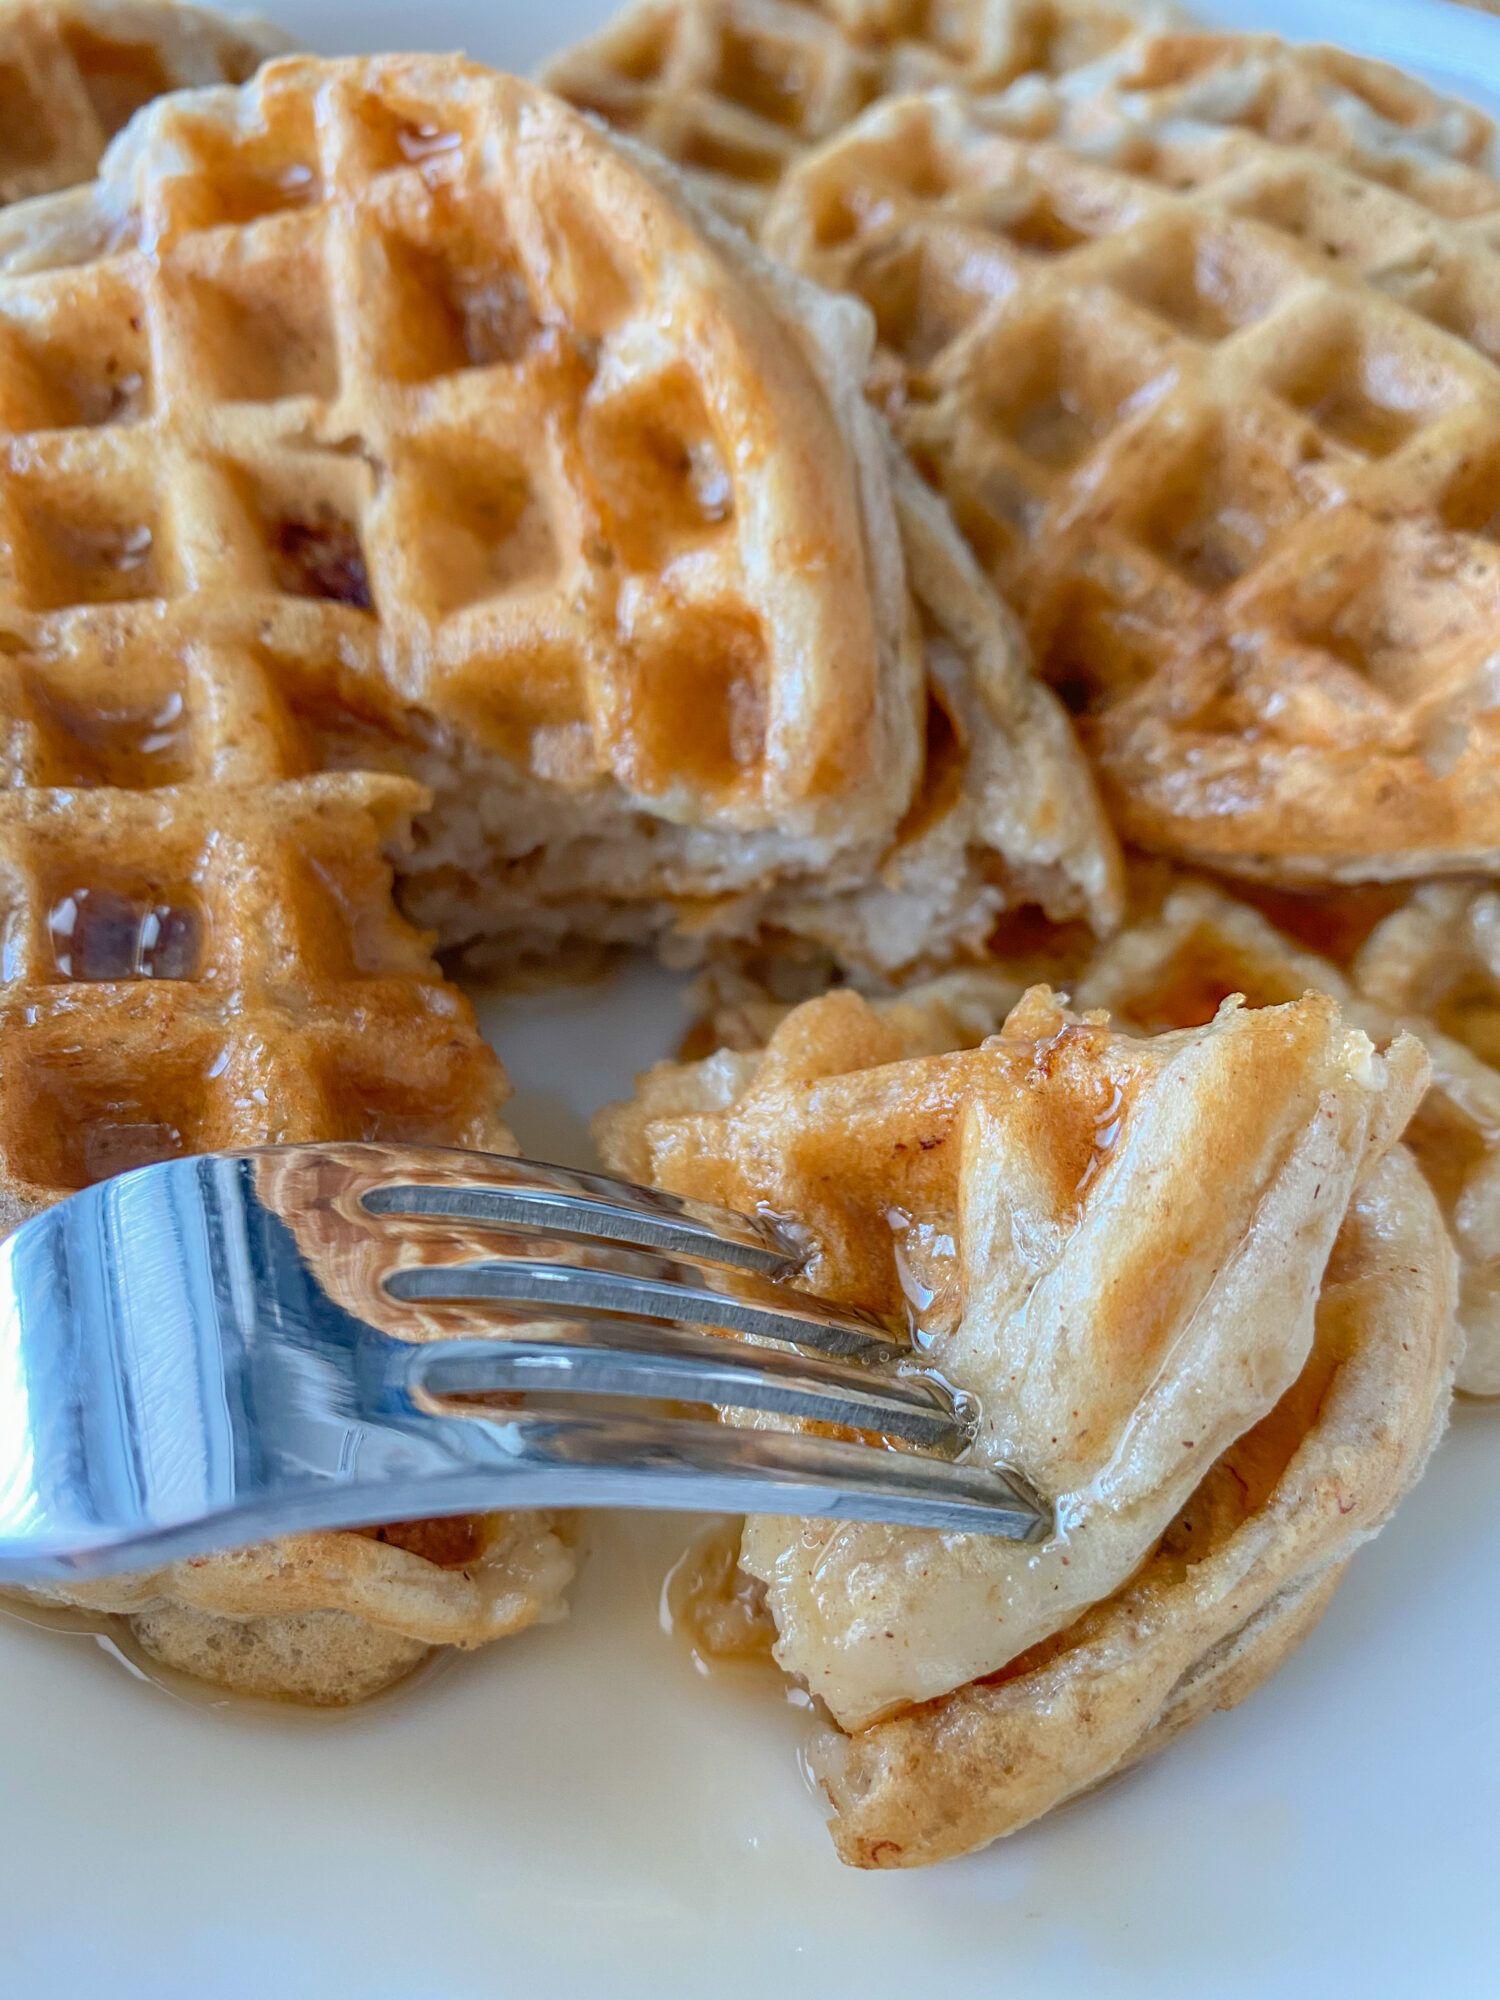 6 Ingredient Waffles Recipe In 2021 Vegan Bakery Food Waffle Ingredients